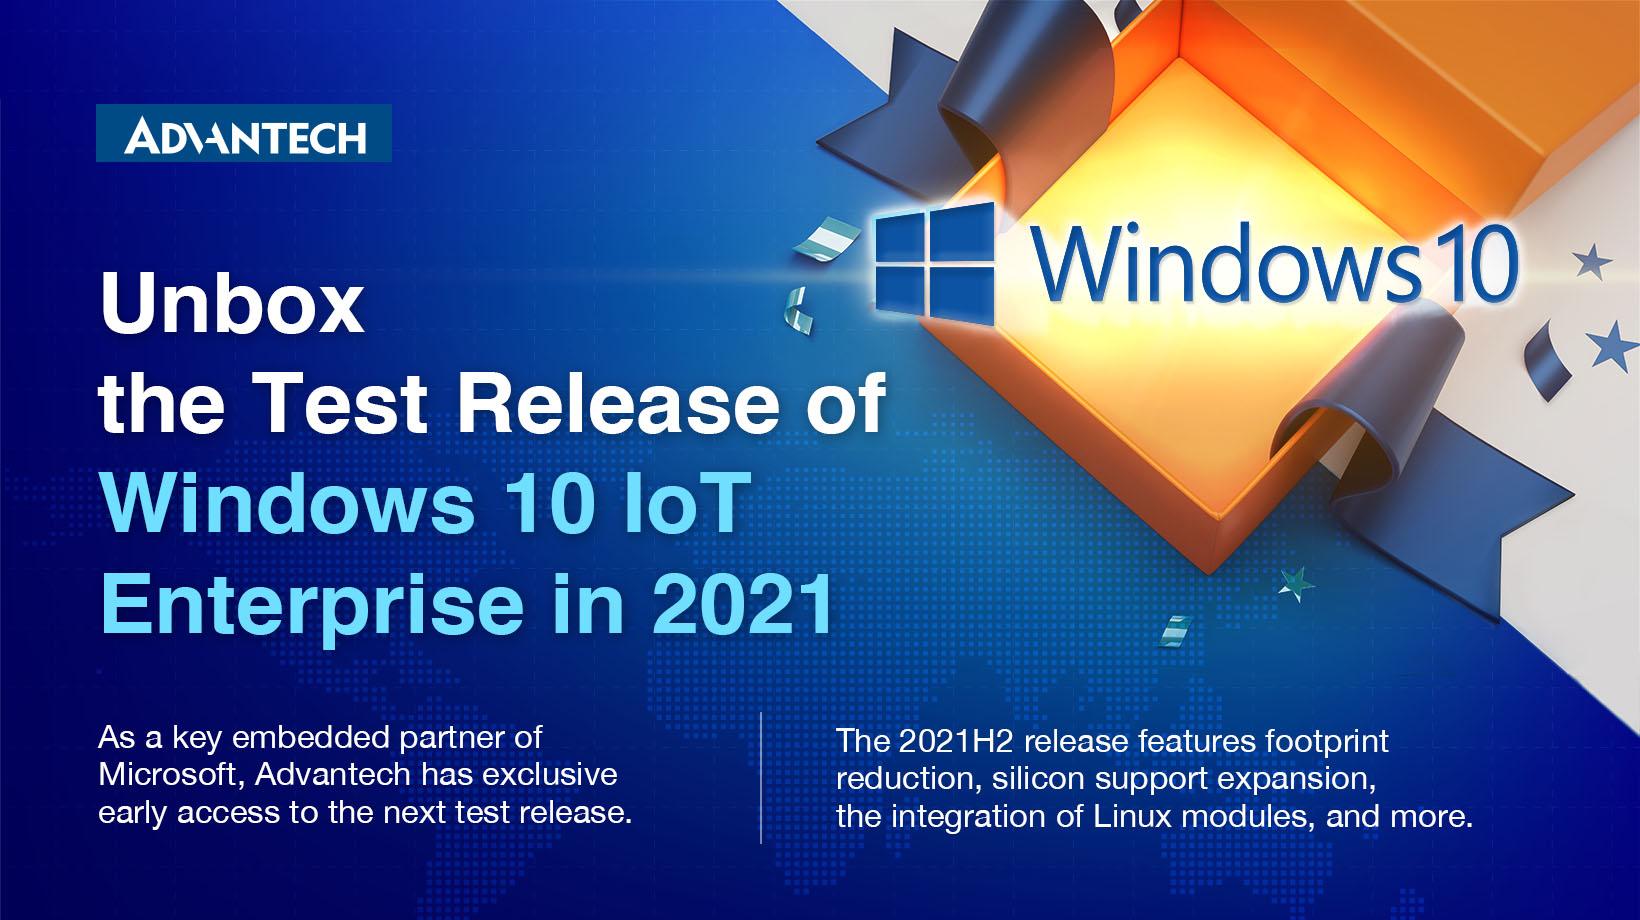 Advantech receives early access to next release of Windows 10 Enterprise